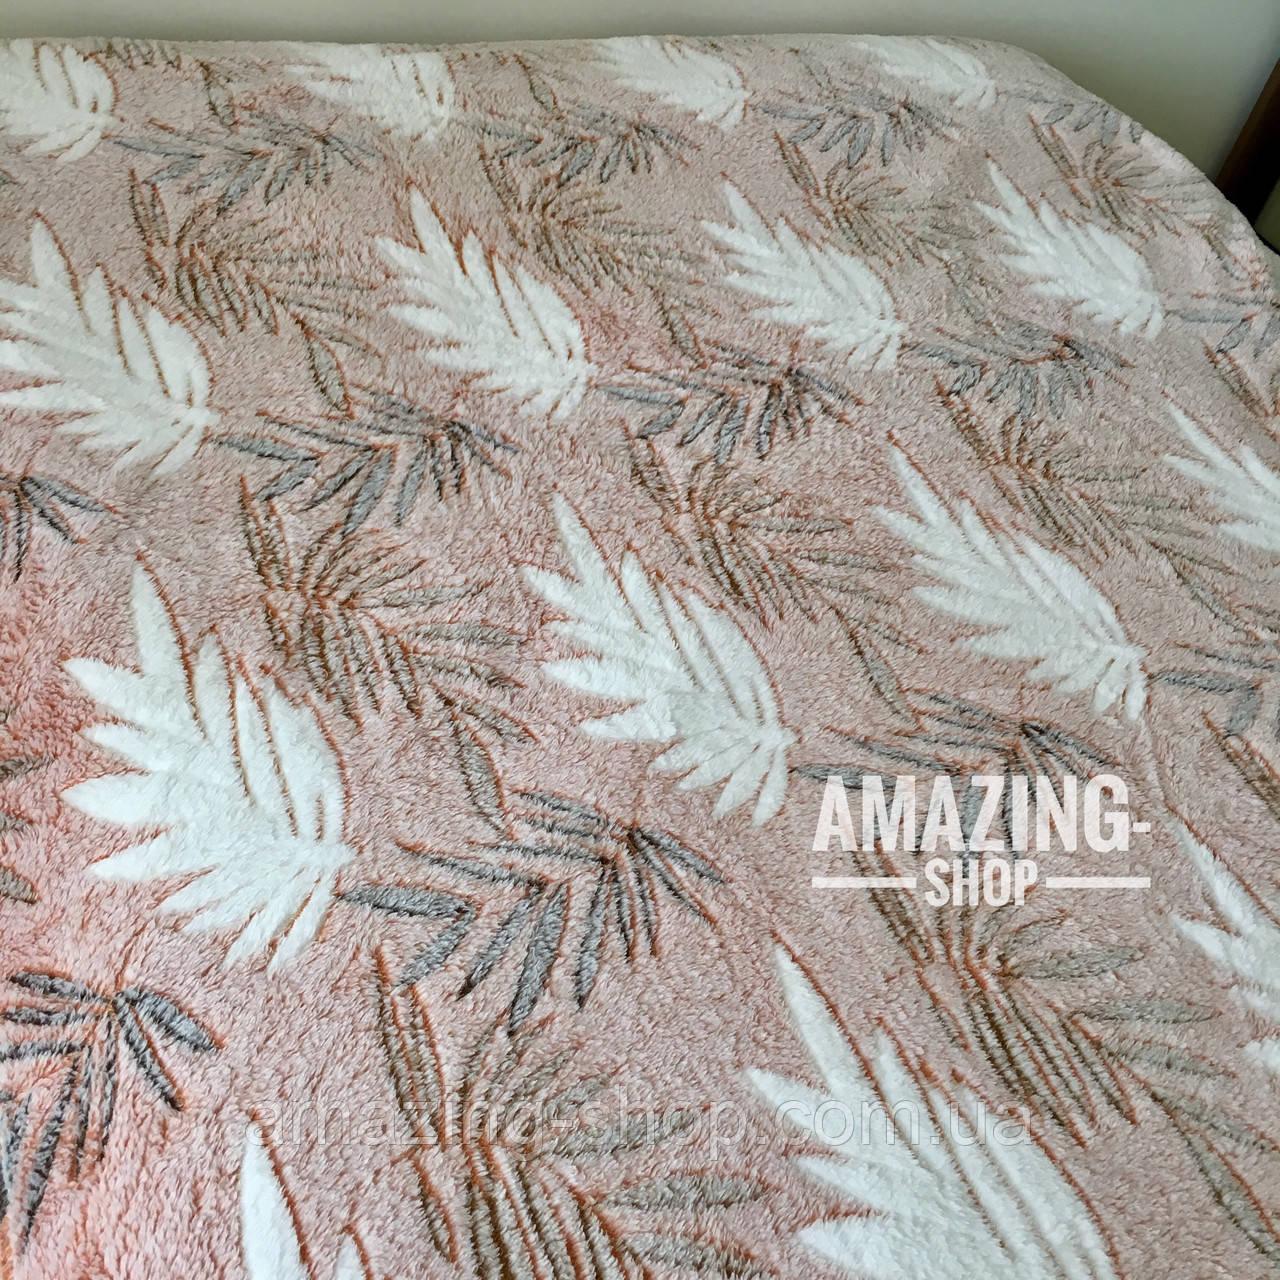 Покривало плед з бамбукового волокна ( мікрофібра) Розмір 160*200 див.